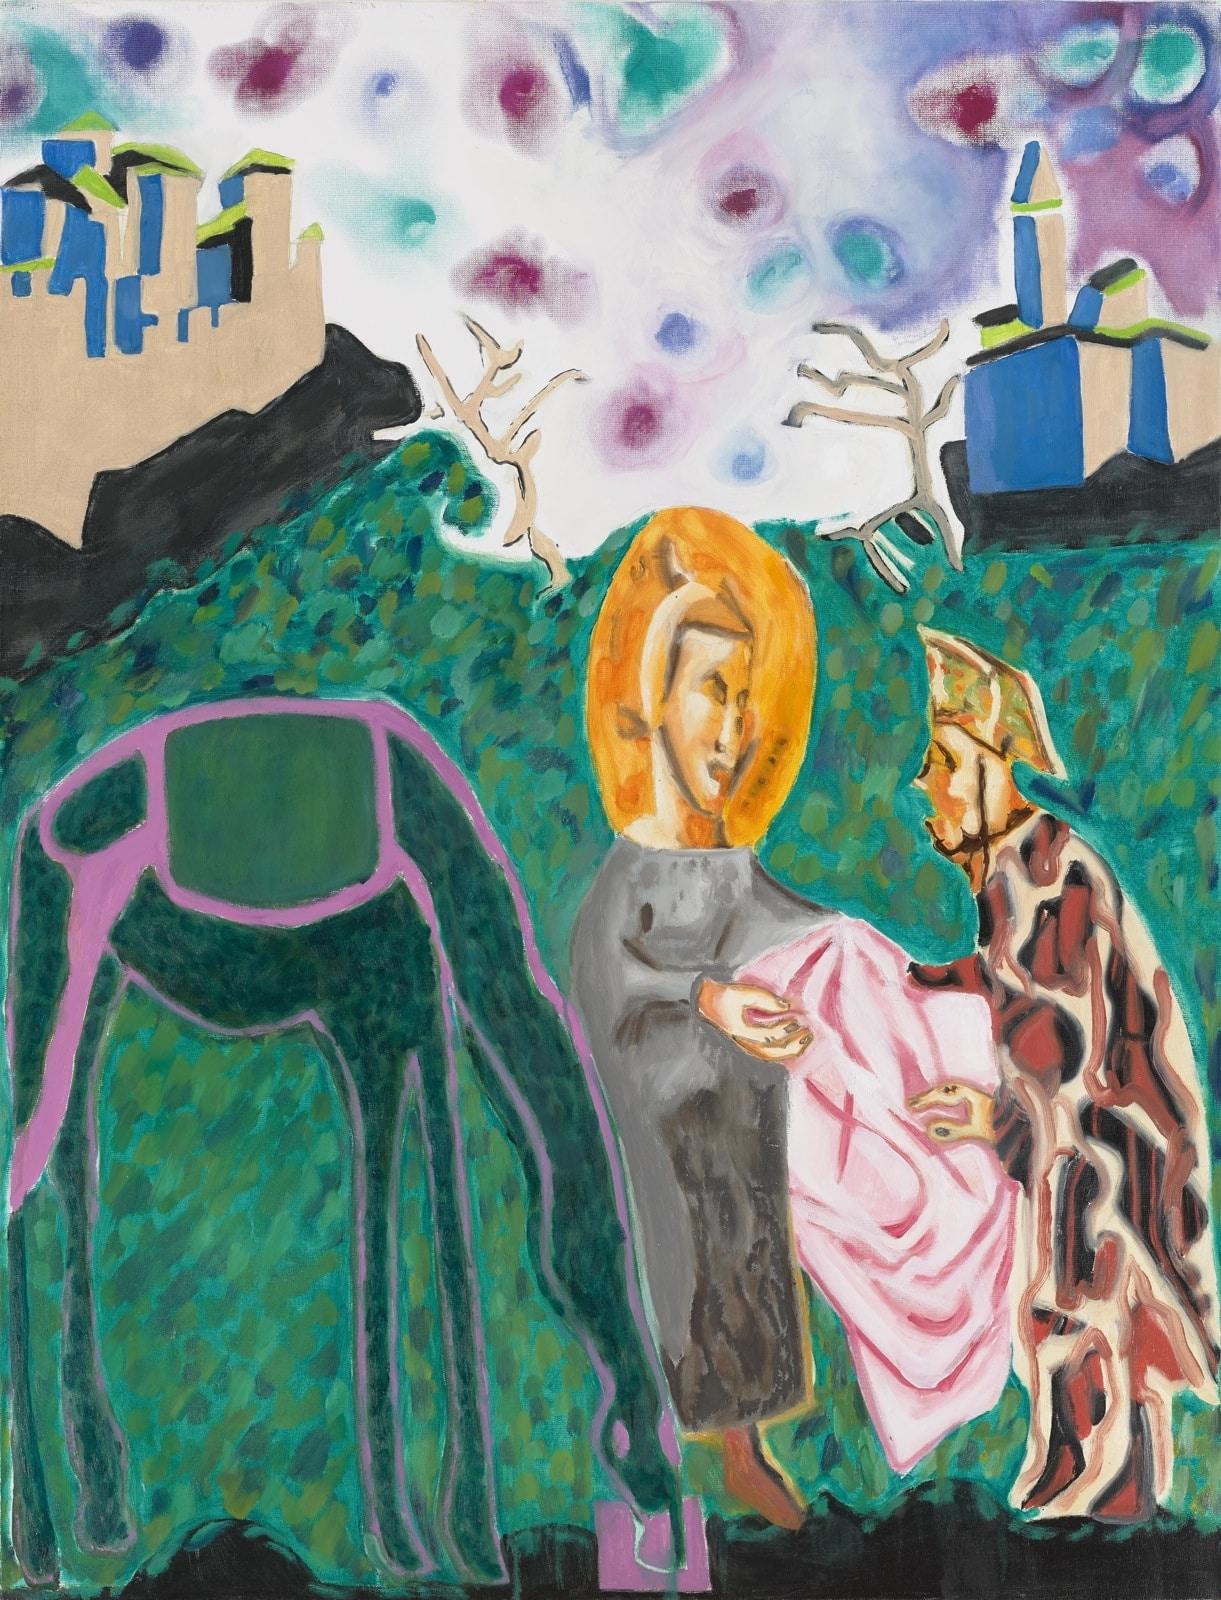 Tableau contemporain - Peinture à l'huie : Don de tunique à un mendiant